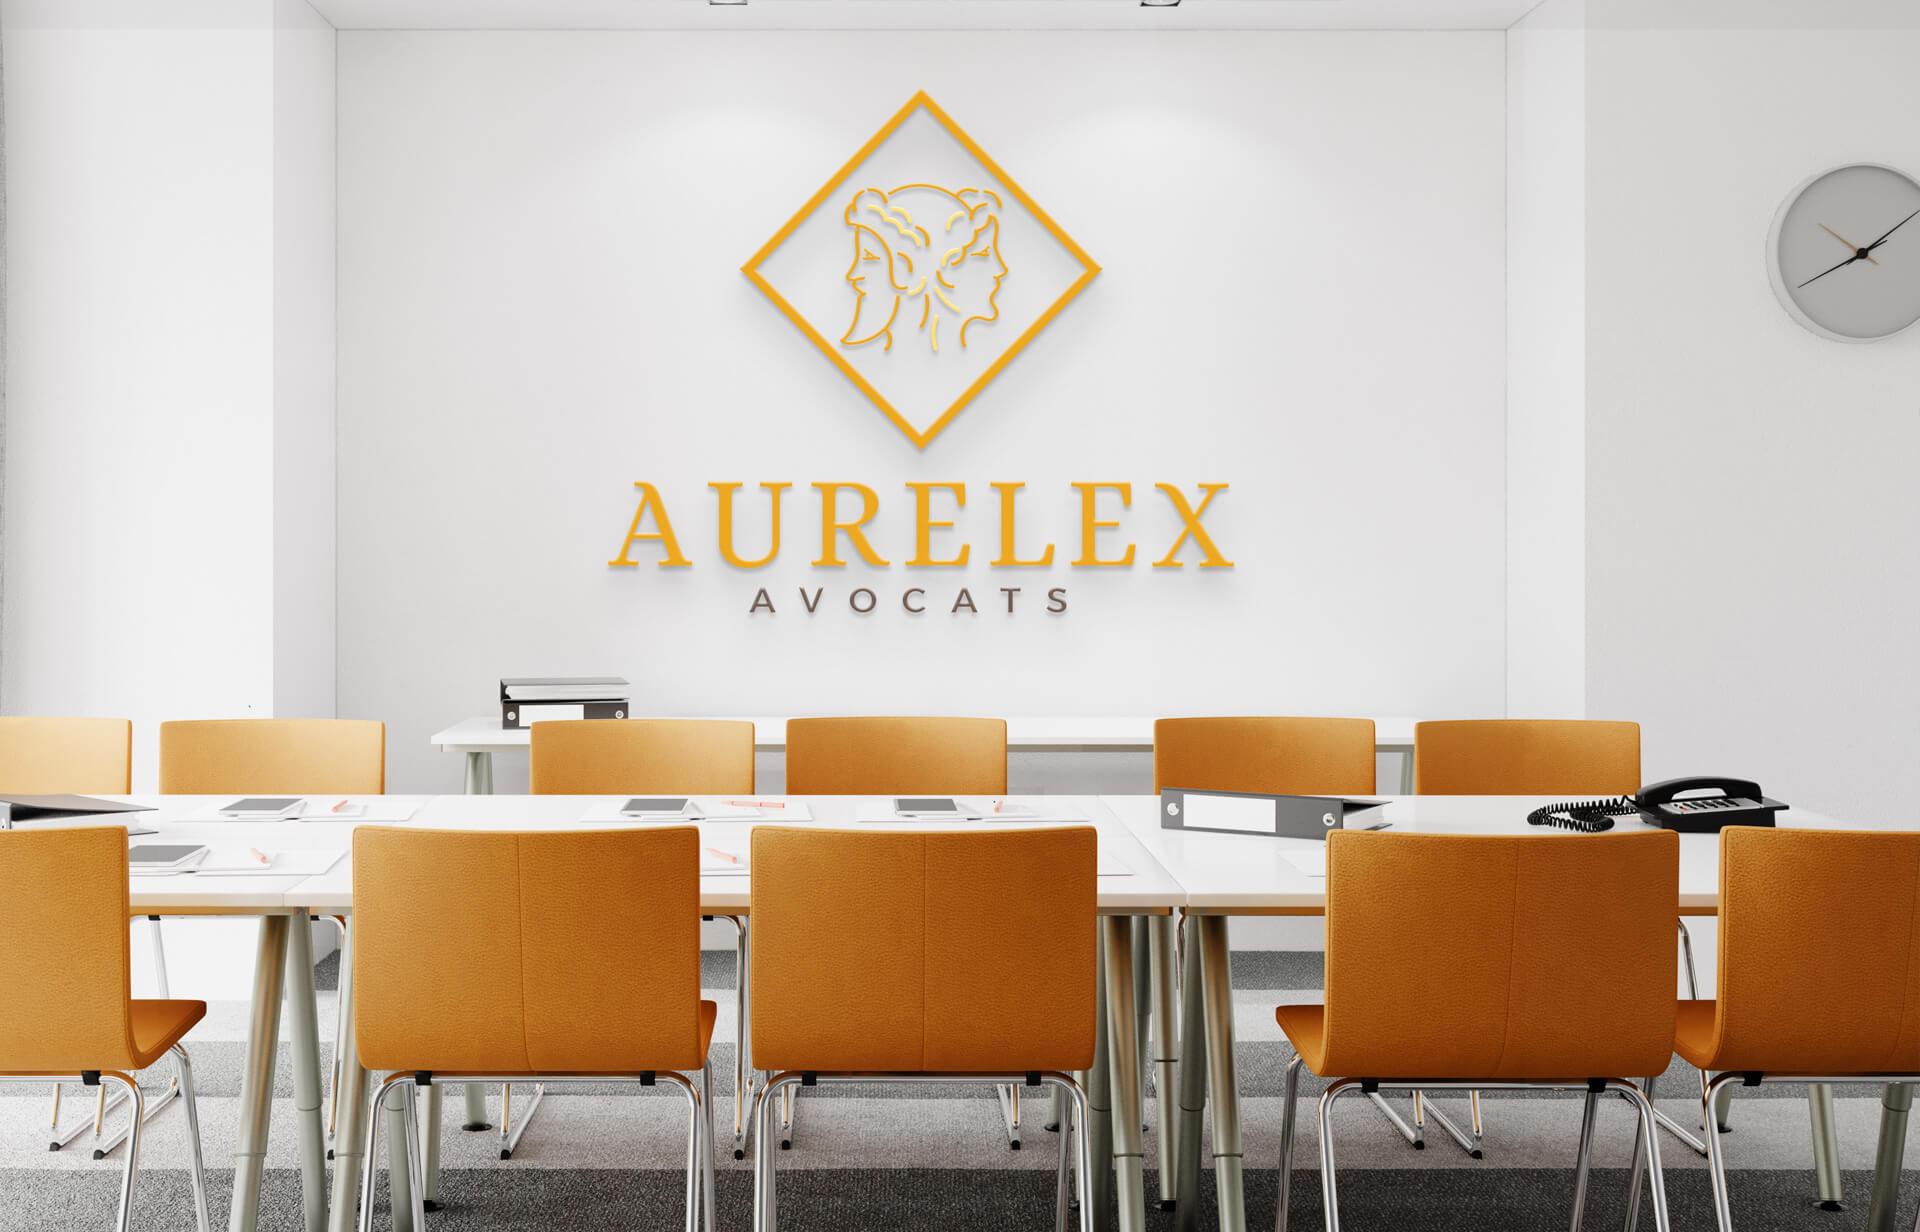 Aurelex